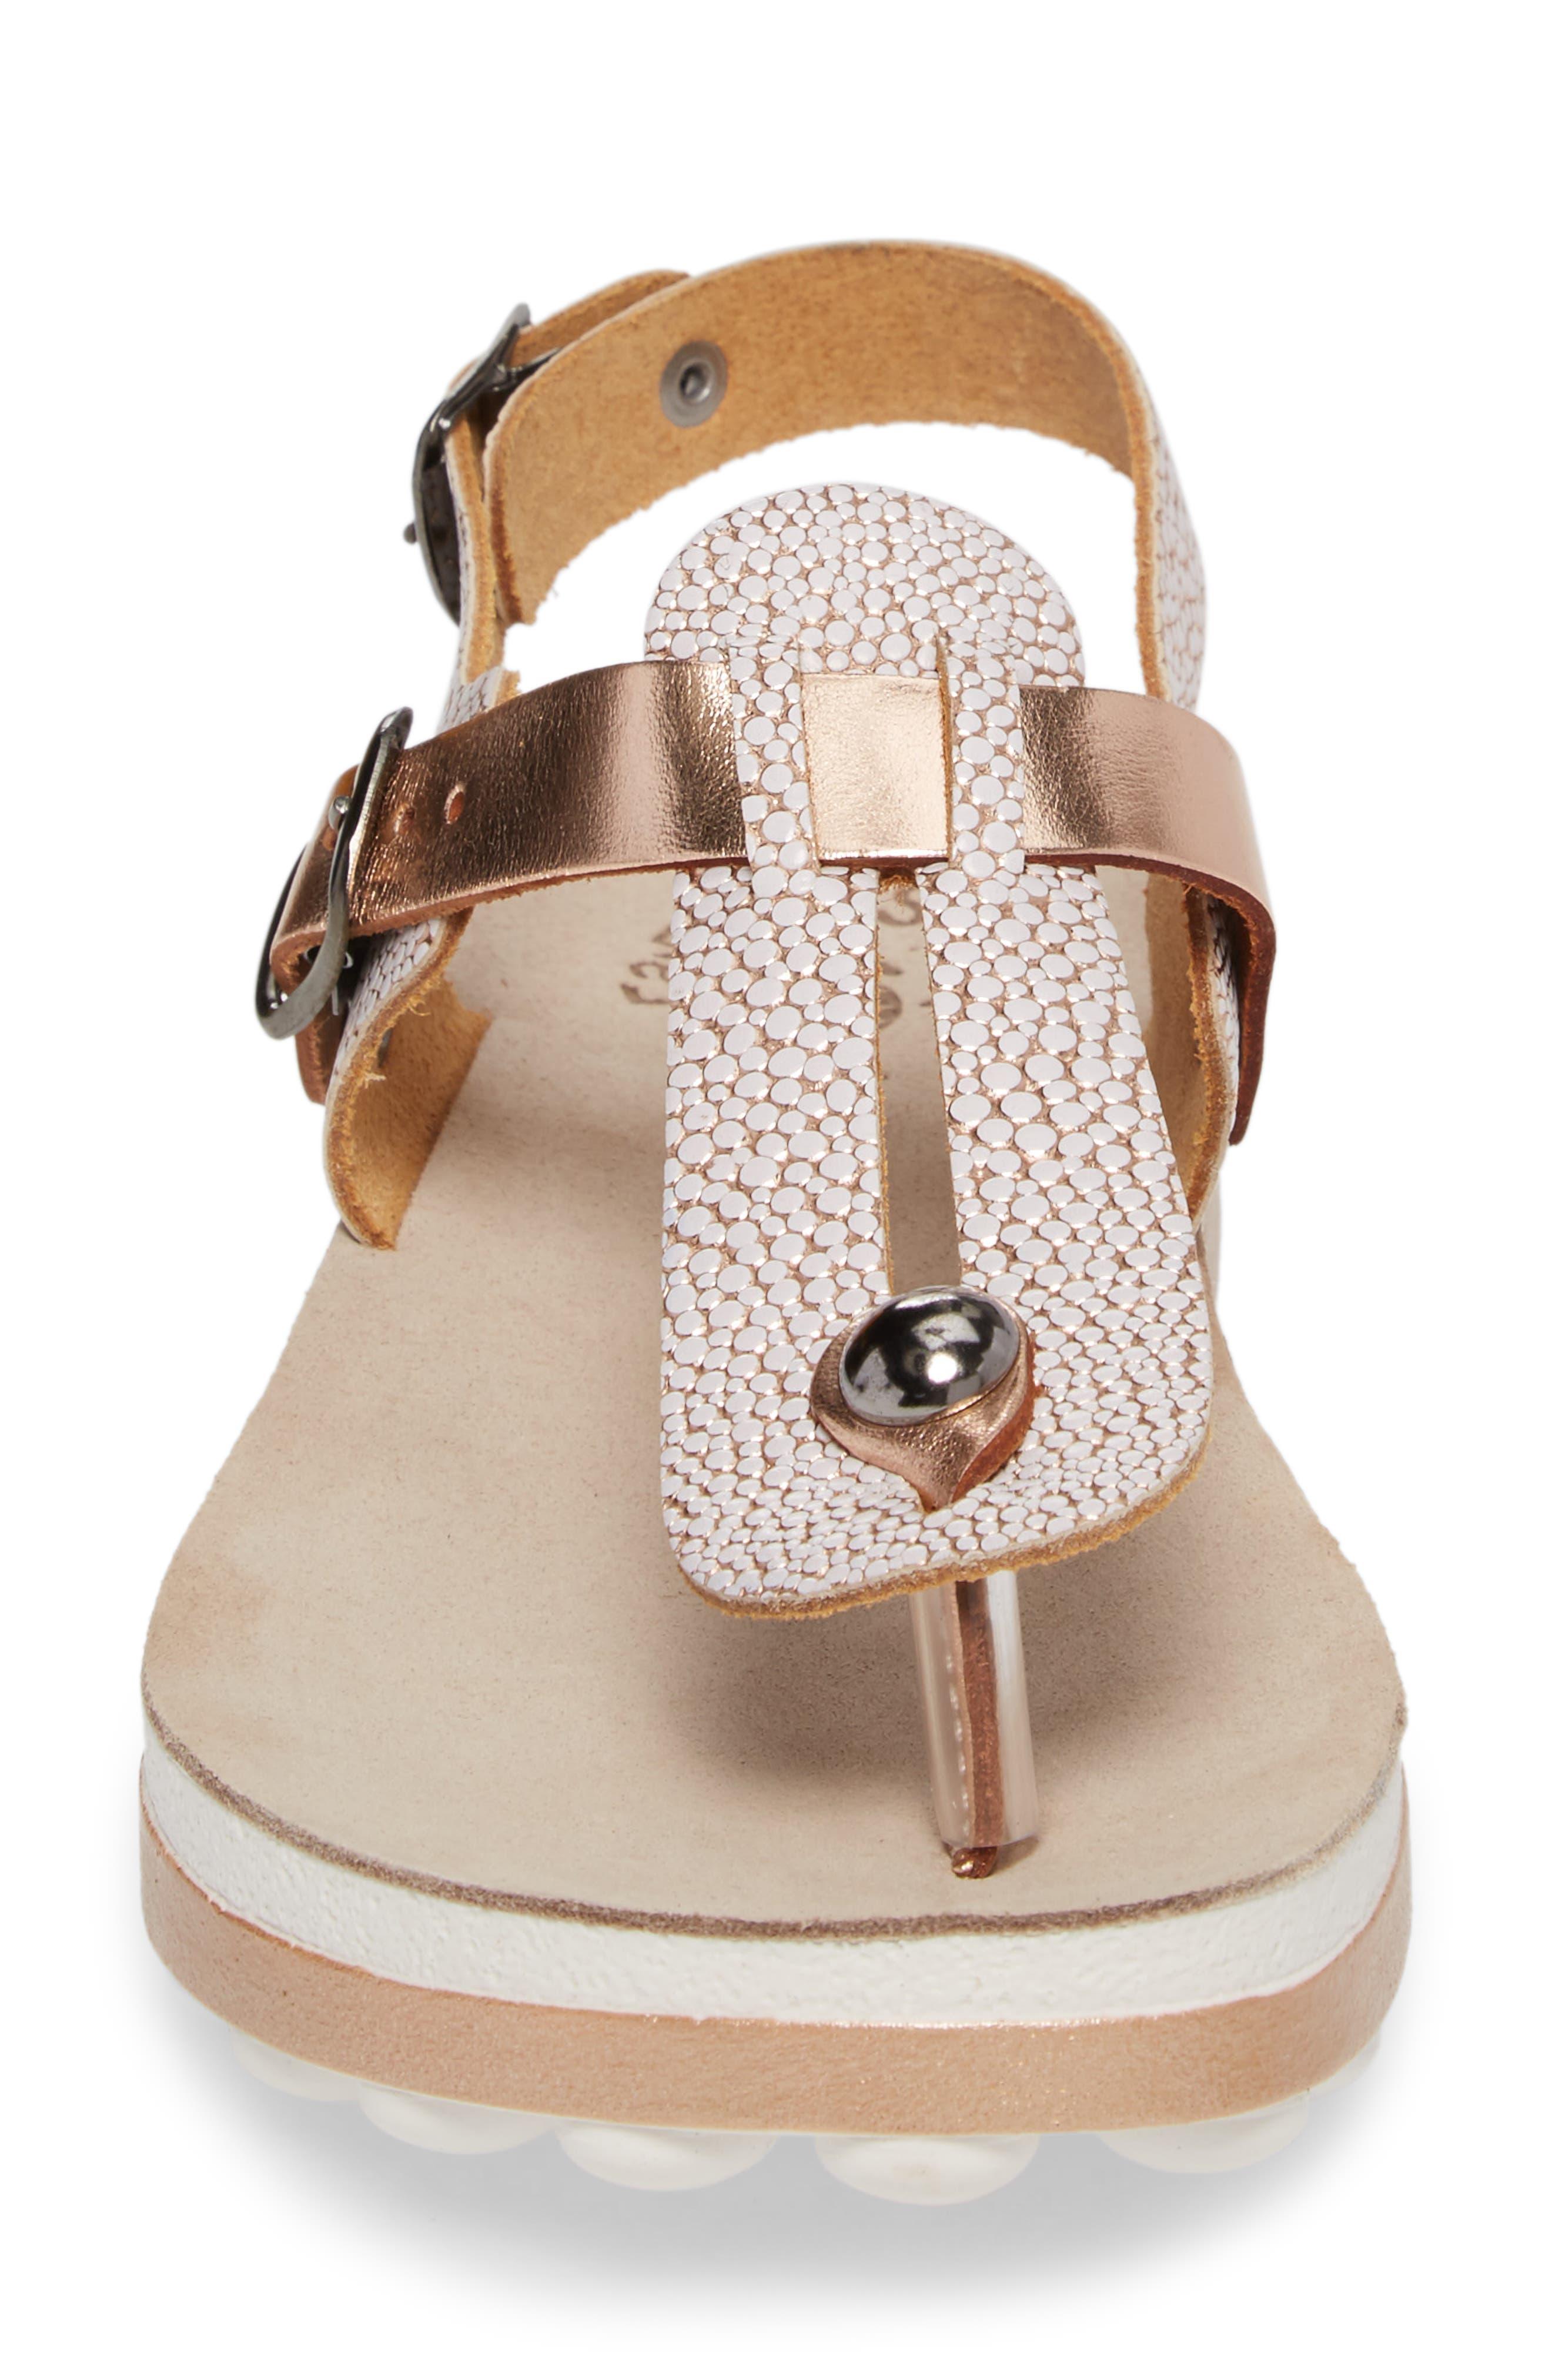 Marlena Fantasy Sandal,                             Alternate thumbnail 4, color,                             Rose Gold Leather